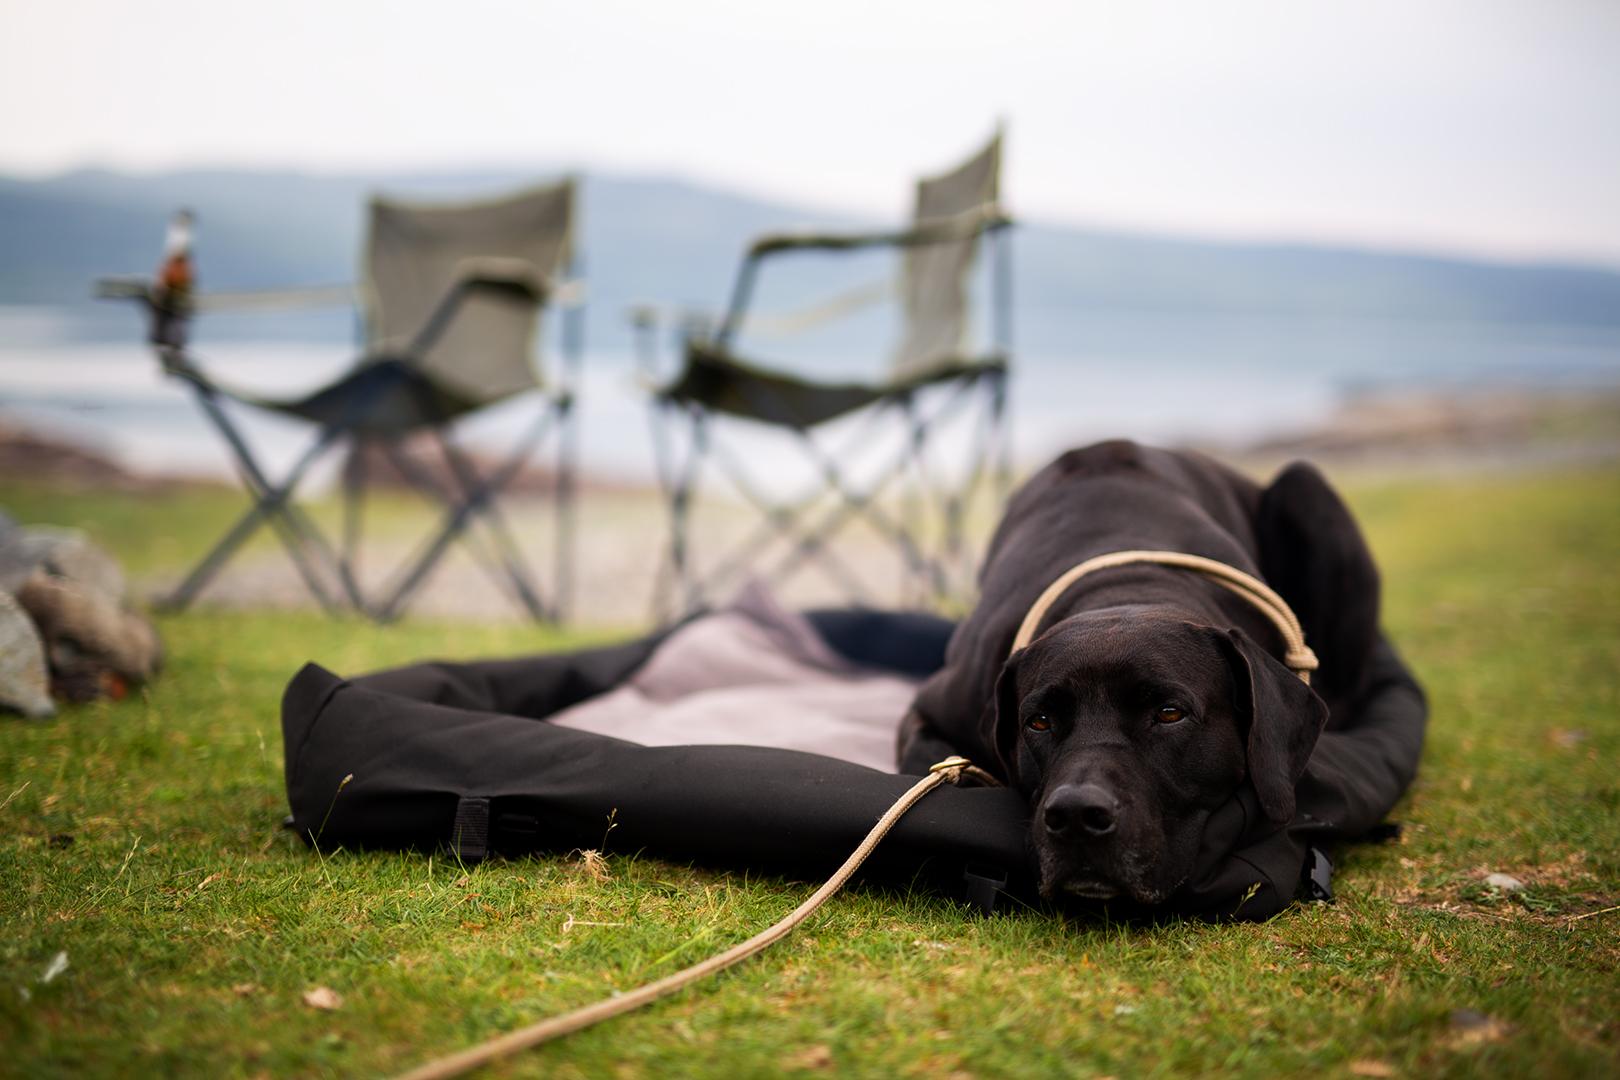 Hundebett_unterwegs_outdoor_wasserfest_regenabweisend